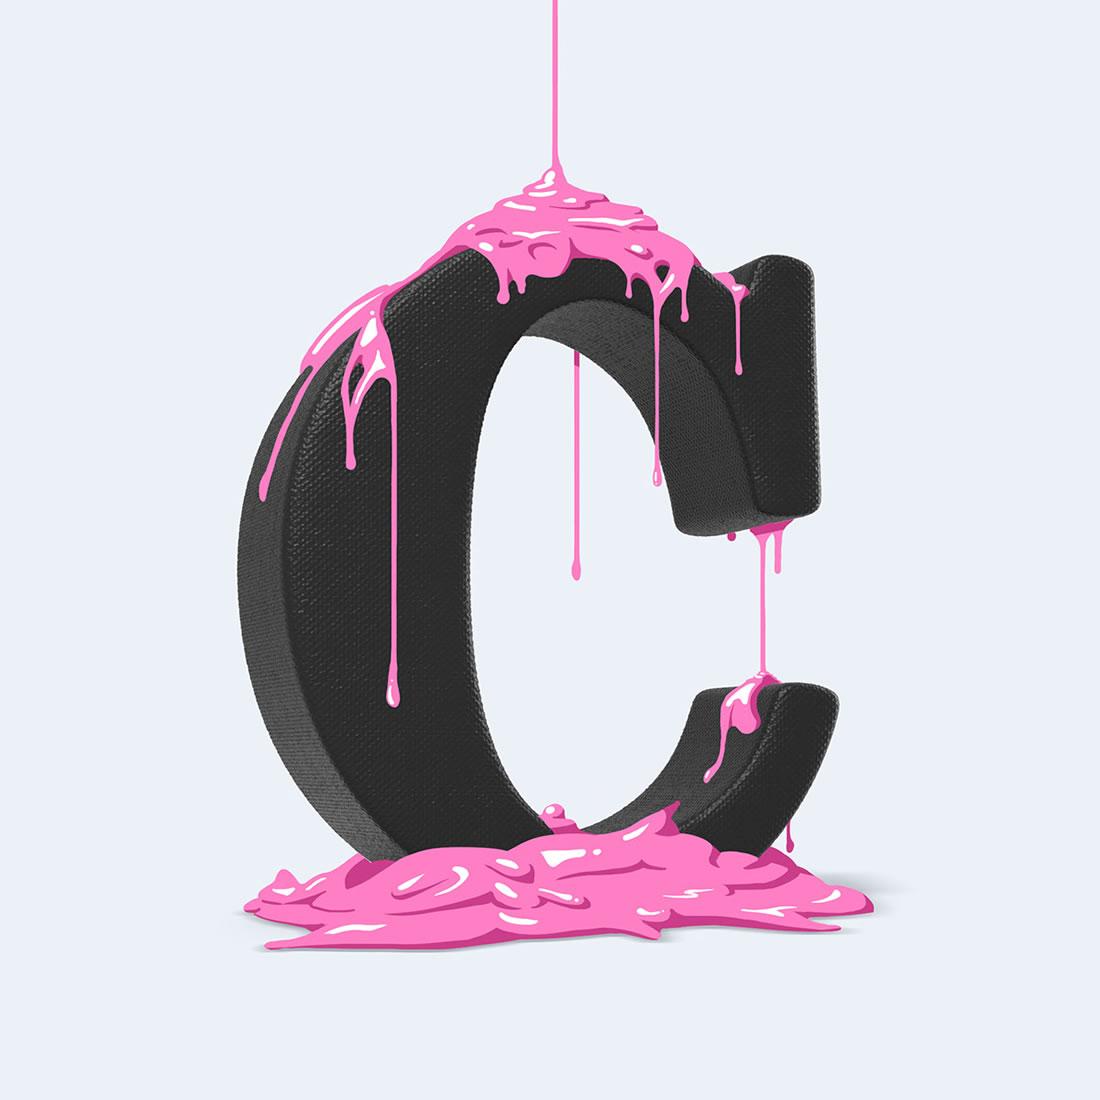 [Inspiration] Un Alphabet Cartoon acidulé et coloré en 3D 14